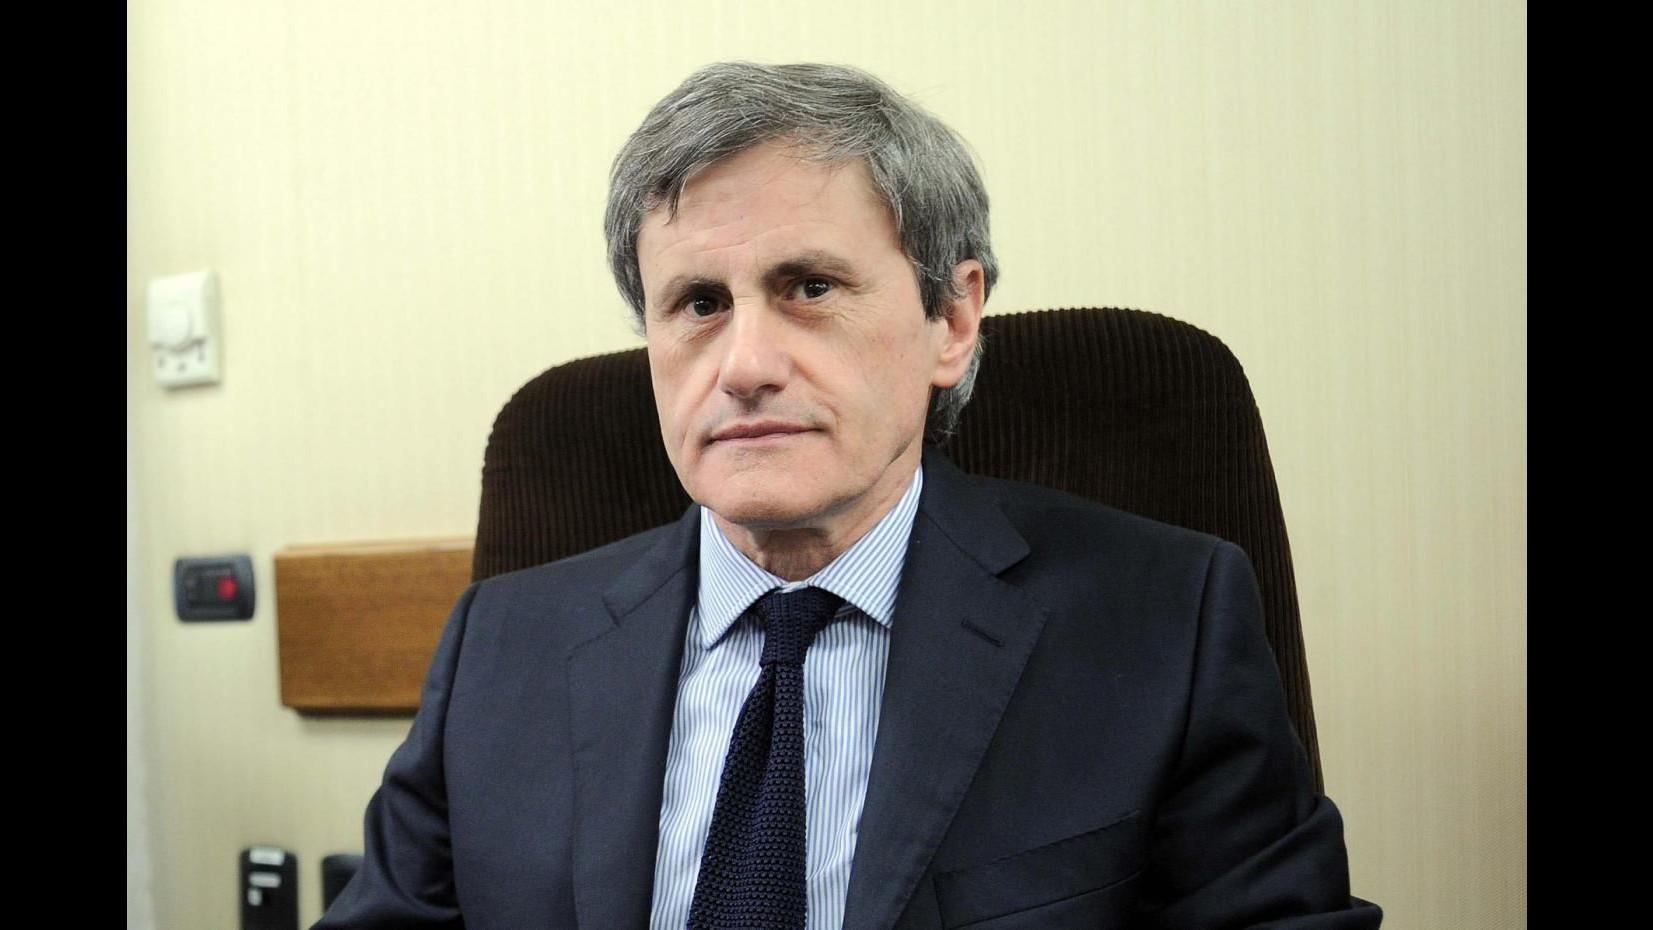 Mafia Capitale, chiusa inchiesta su Alemanno: rischio processo per corruzione